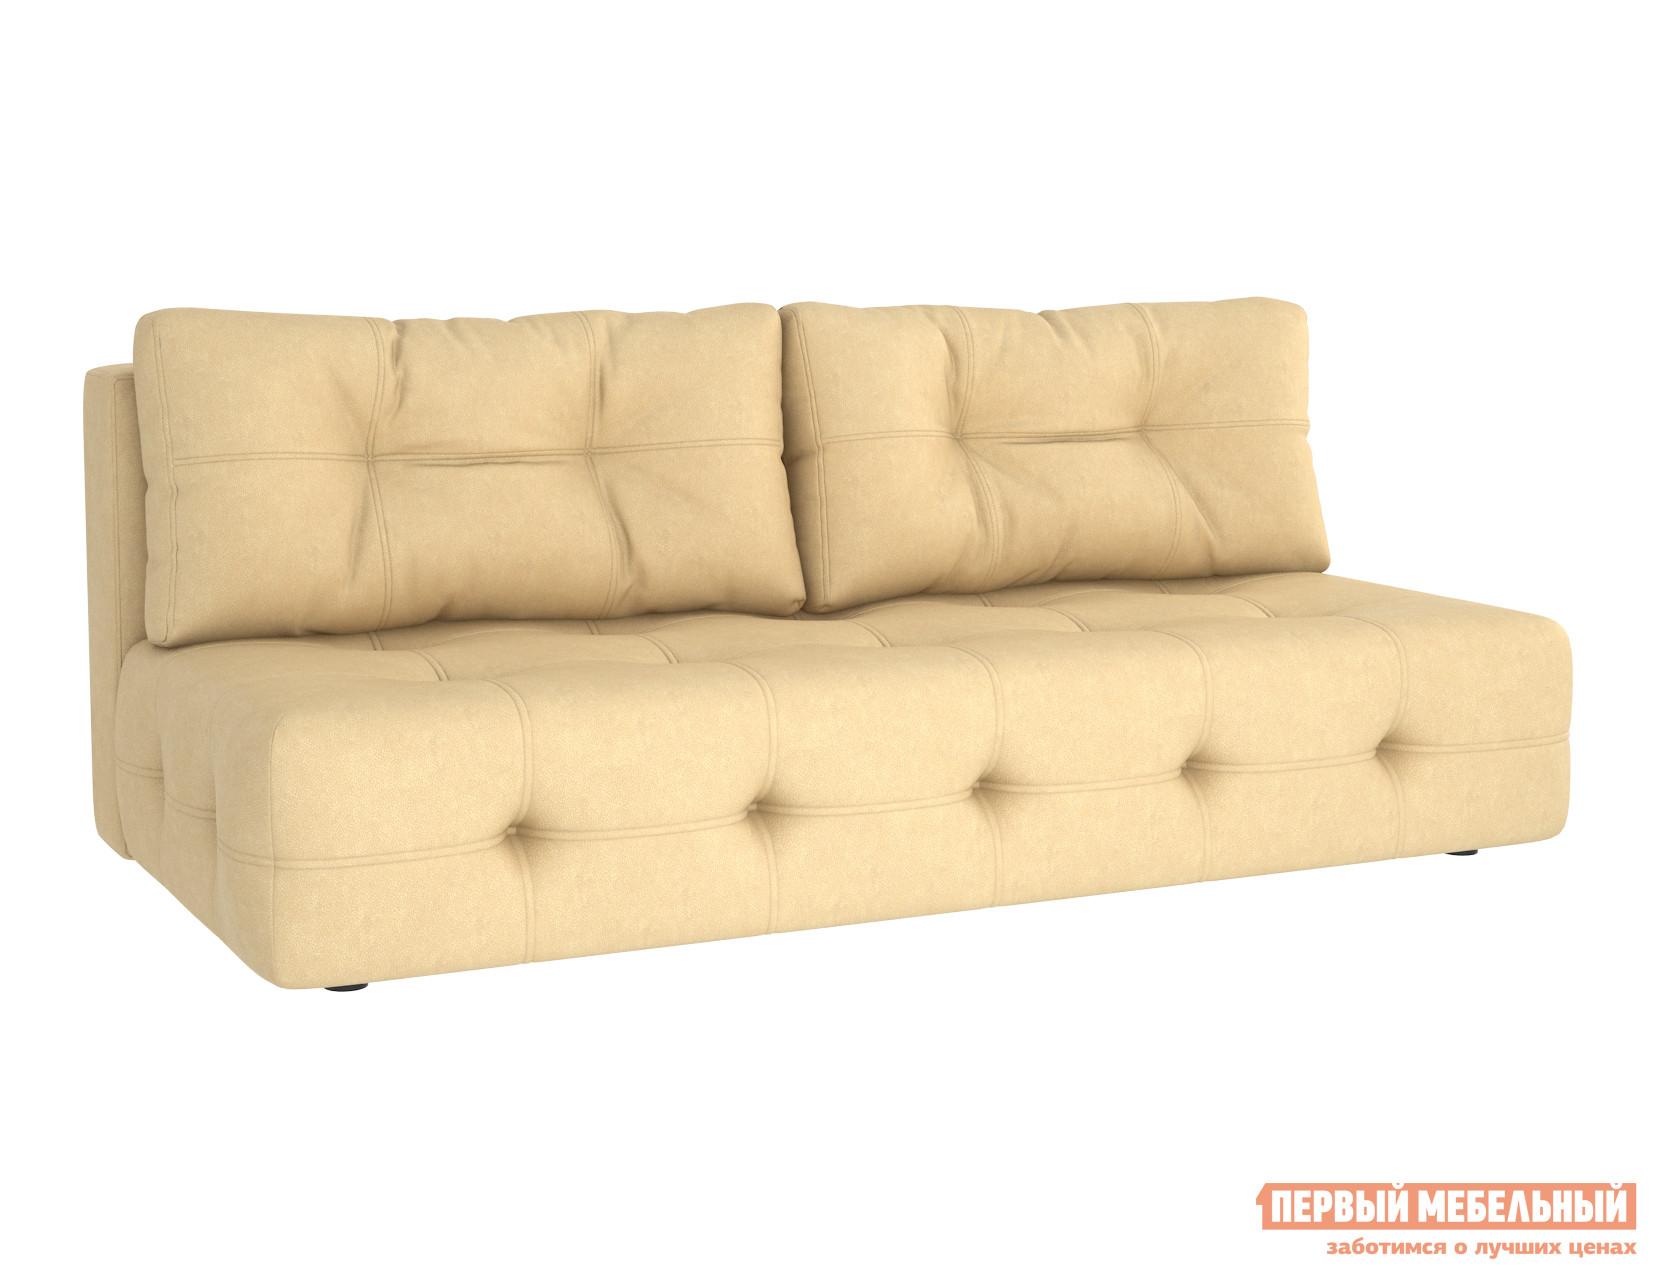 Прямой диван Первый Мебельный Диван Домино